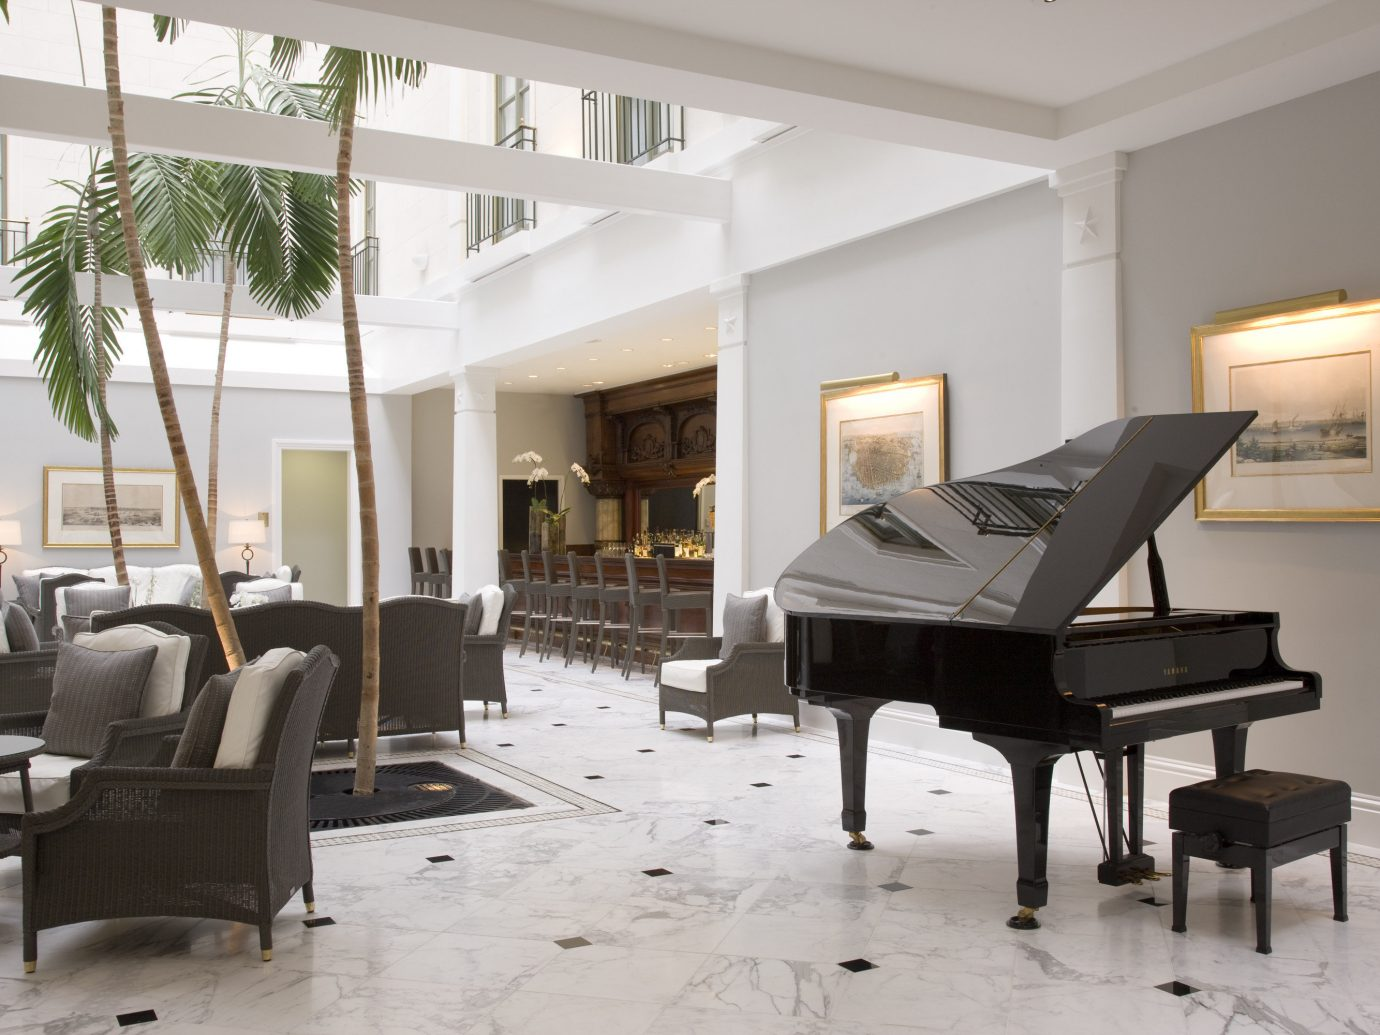 Trip Ideas indoor Living room property piano living room furniture home floor interior design estate real estate dining room condominium Design area several